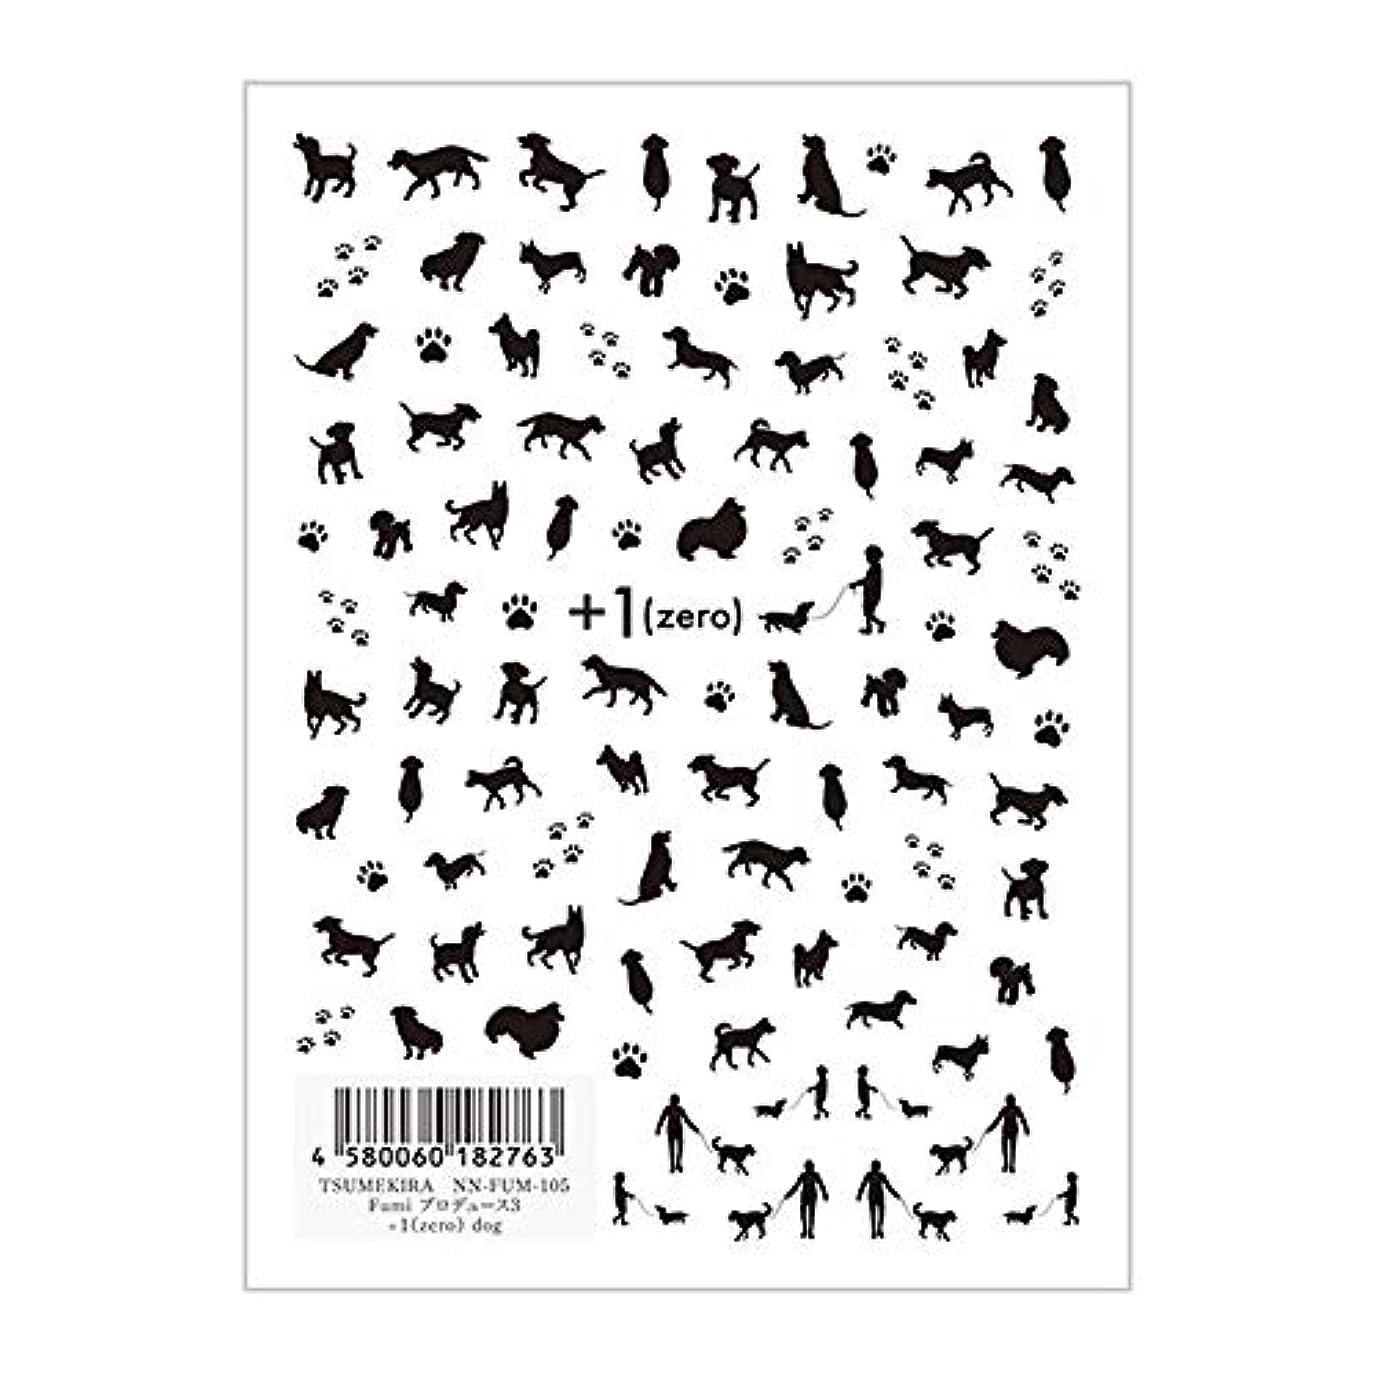 地区突進補償TSUMEKIRA(ツメキラ) ネイルシール Fumiプロデュース3 +1(zero) dog NN-FUM-105